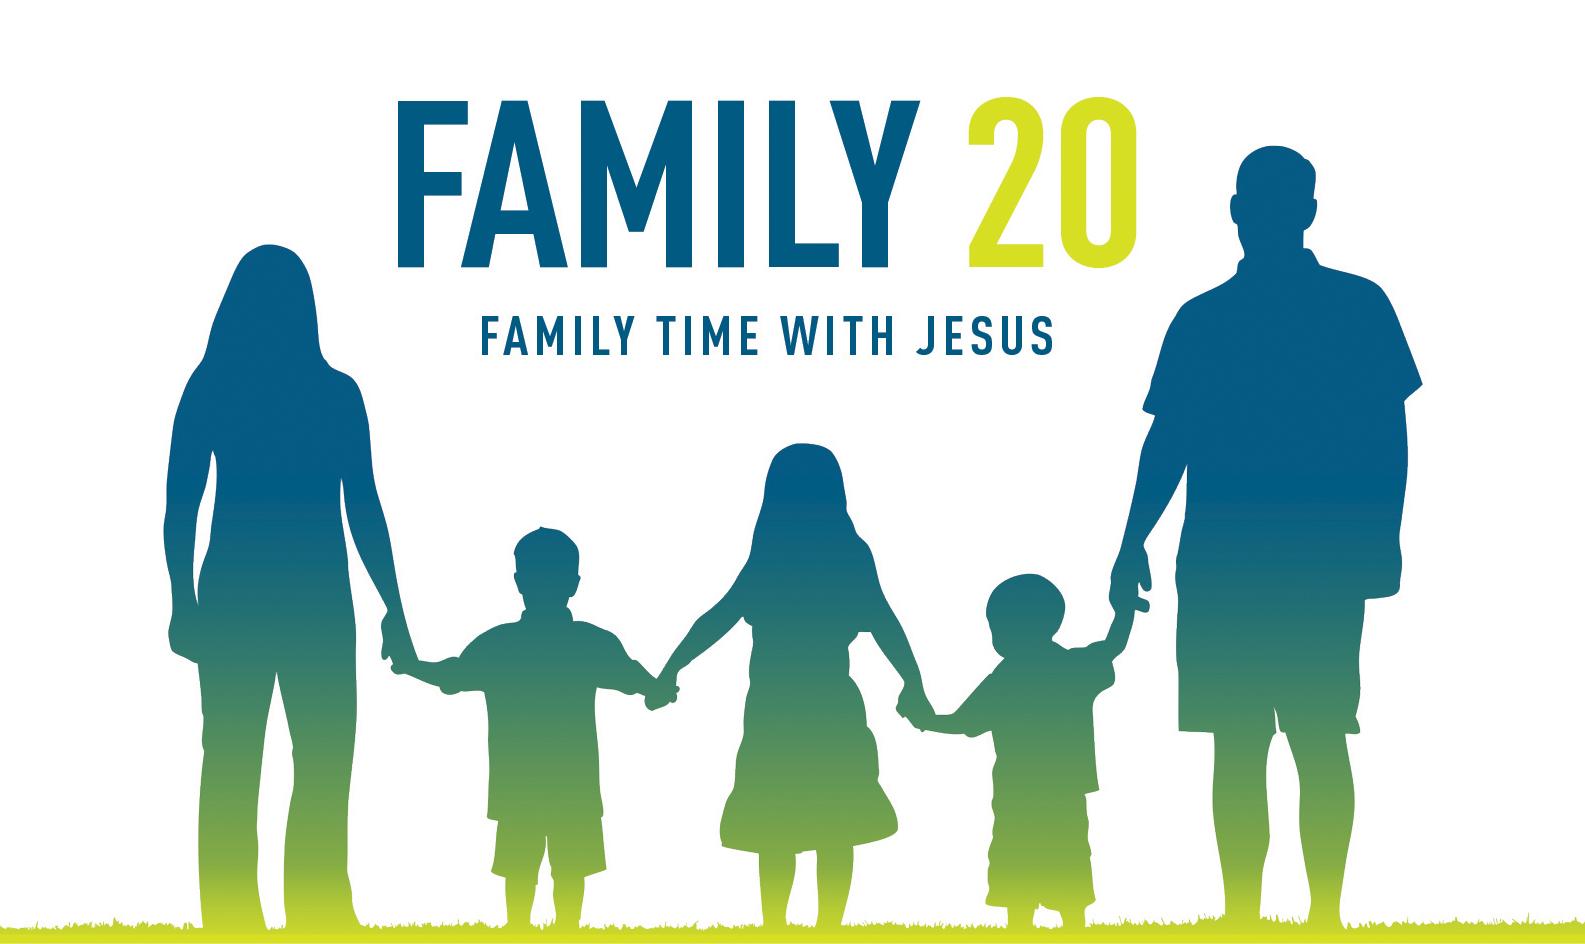 Family20FamilyLinkedArms_White.jpg